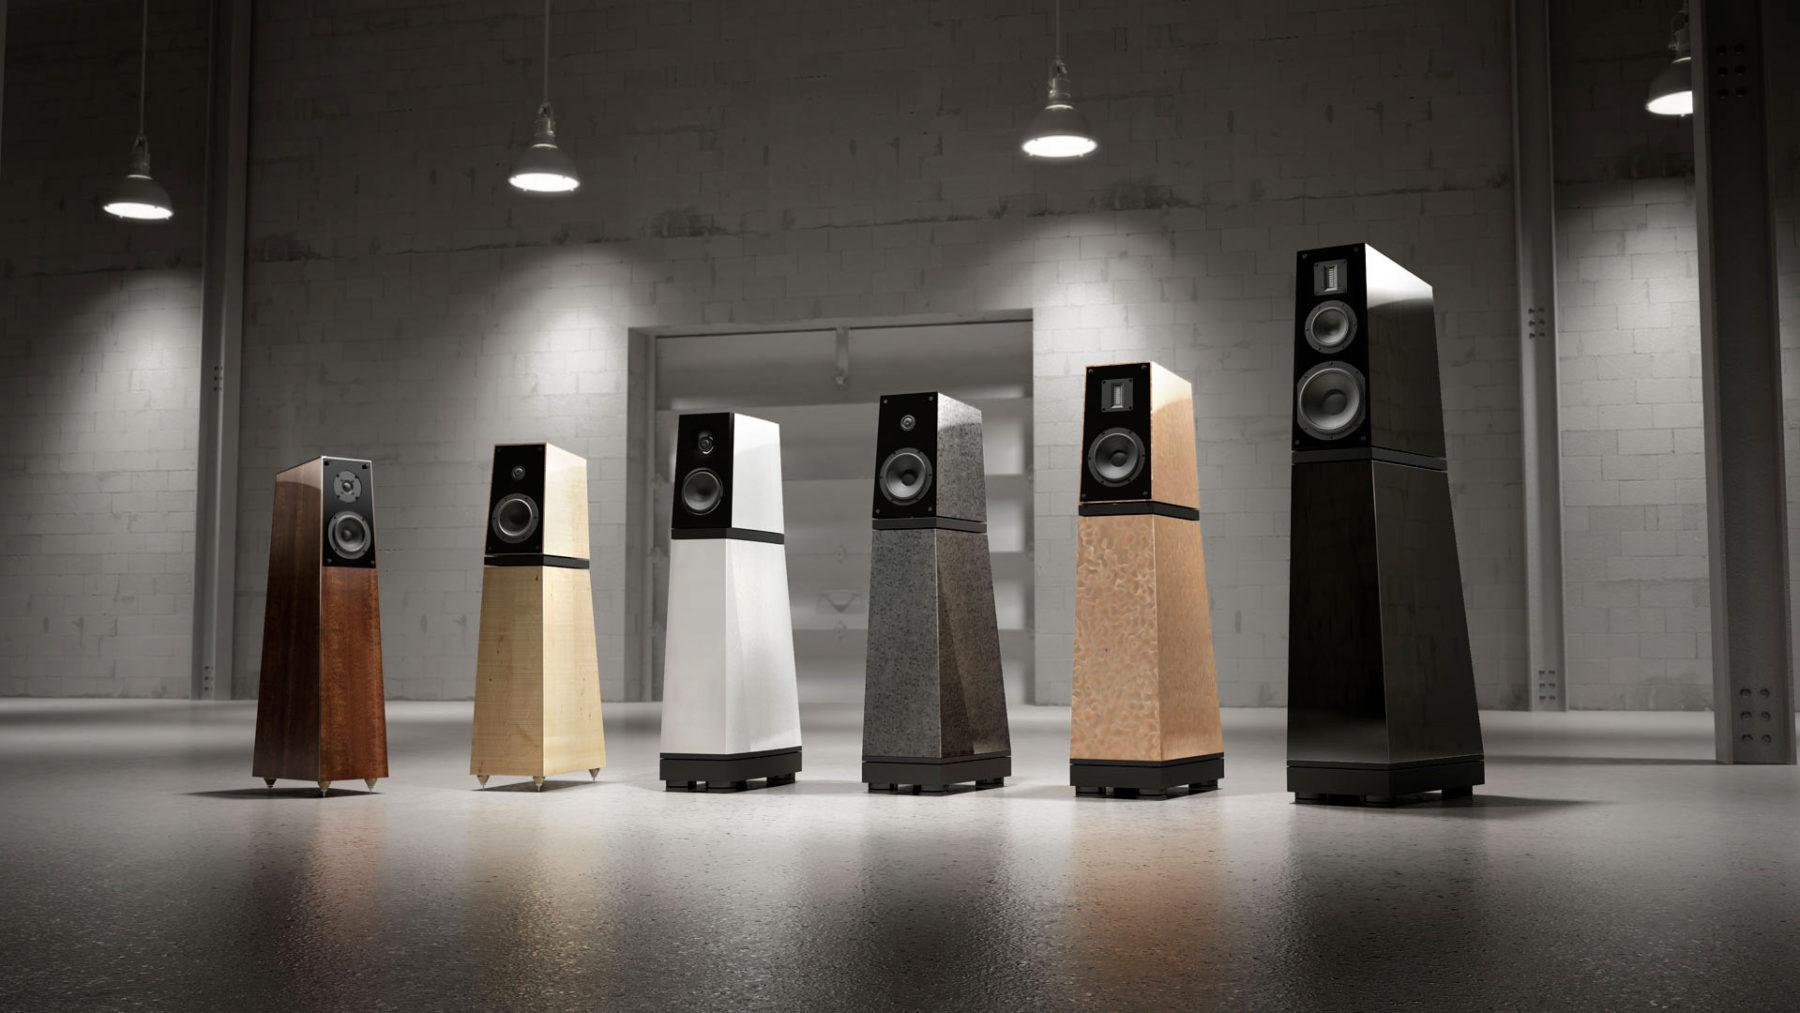 3d-studio-huge-speakers-collection-cgi 3d image